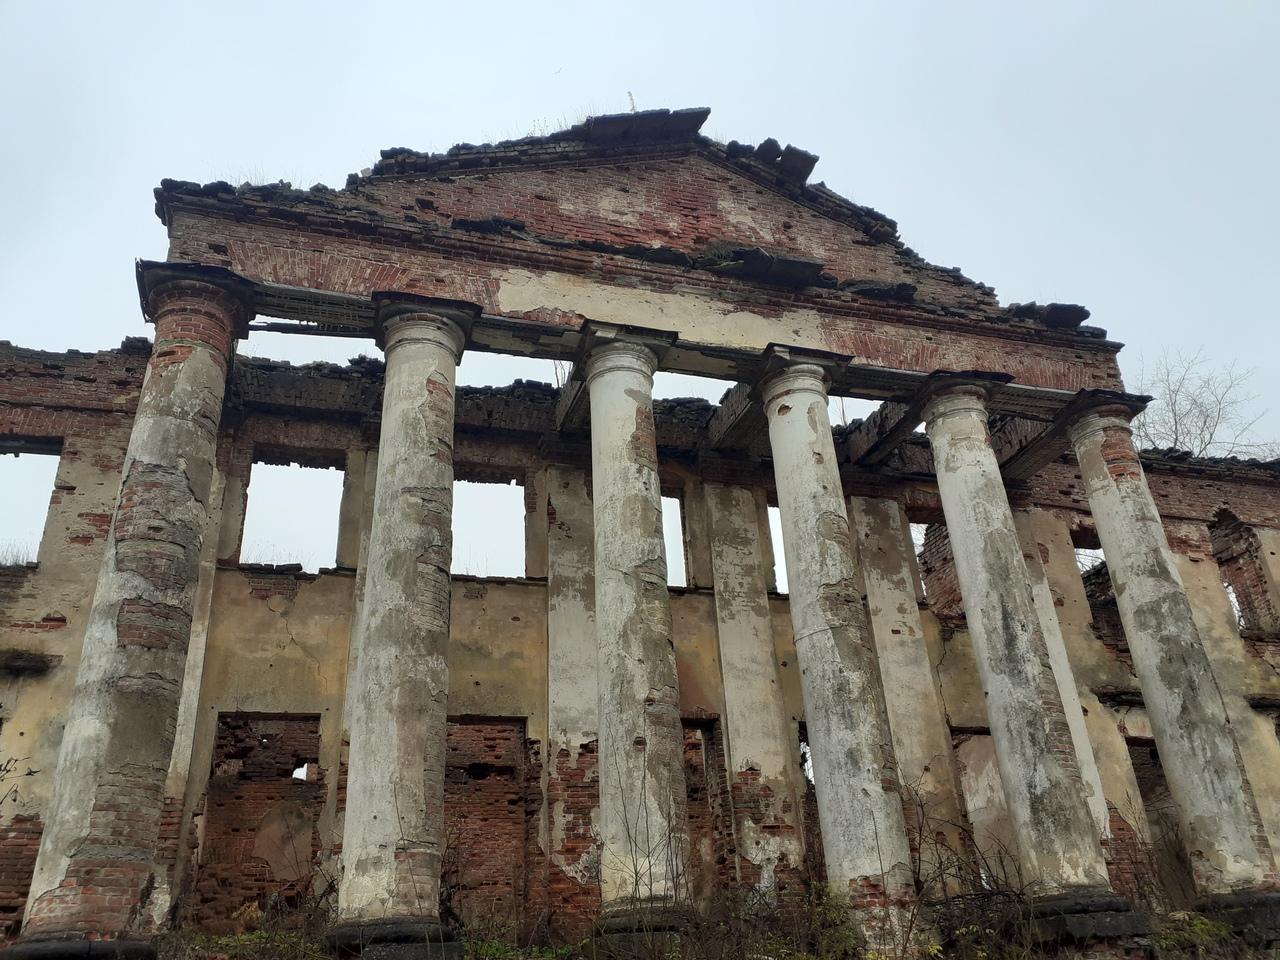 Усадьба Куммолово - место с богатой историей. Валун в Ломахе. Крепость Копорье